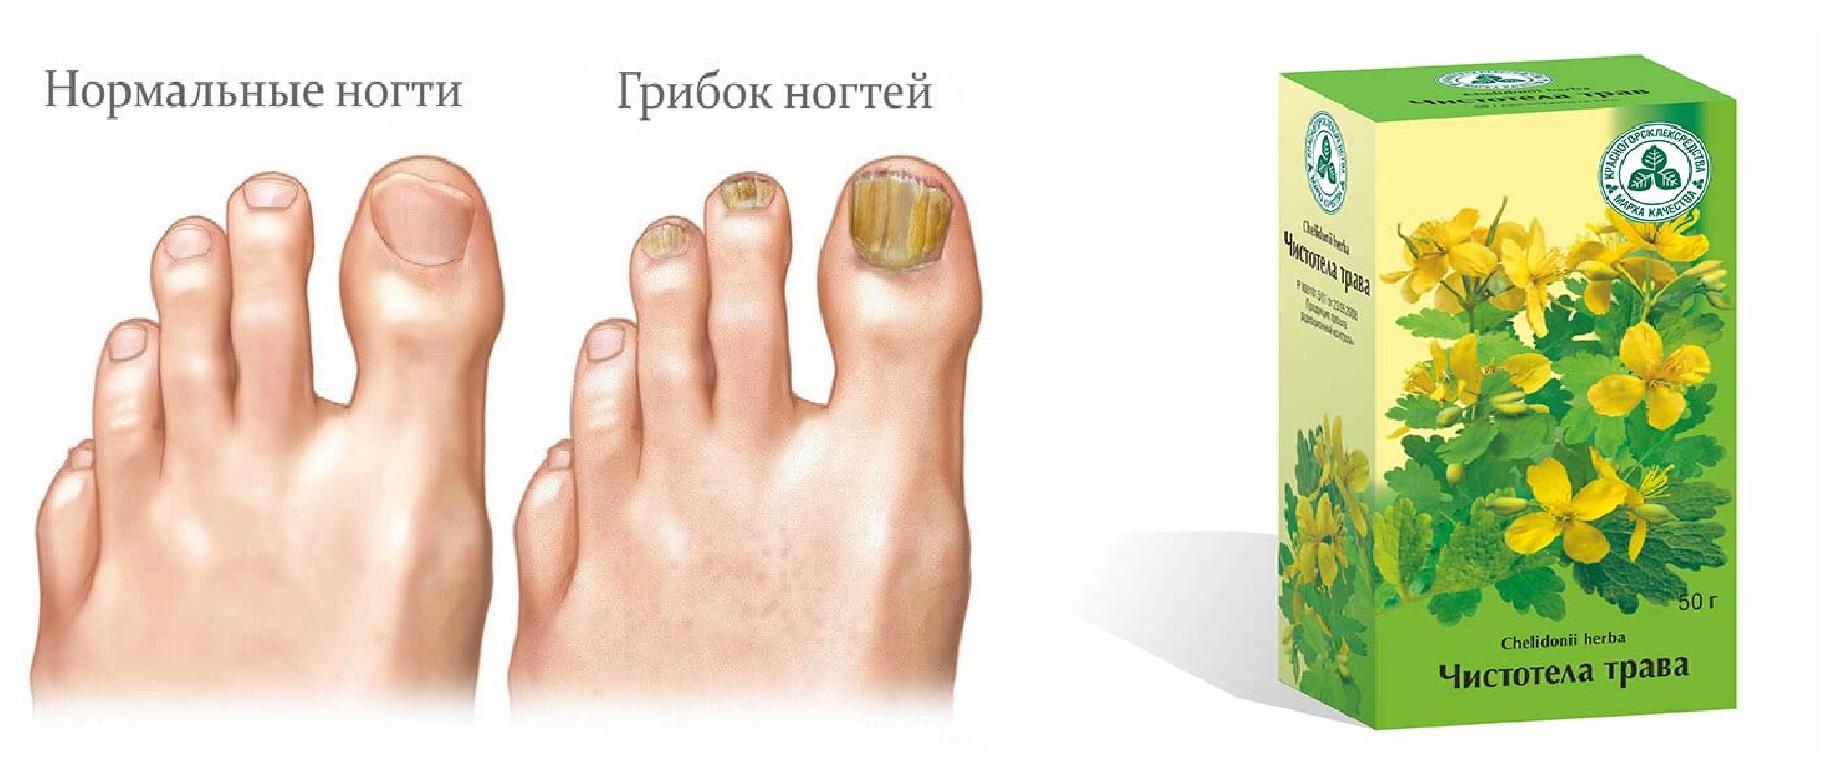 Травы от грибка ногтей на ногах: какие лучше принимать